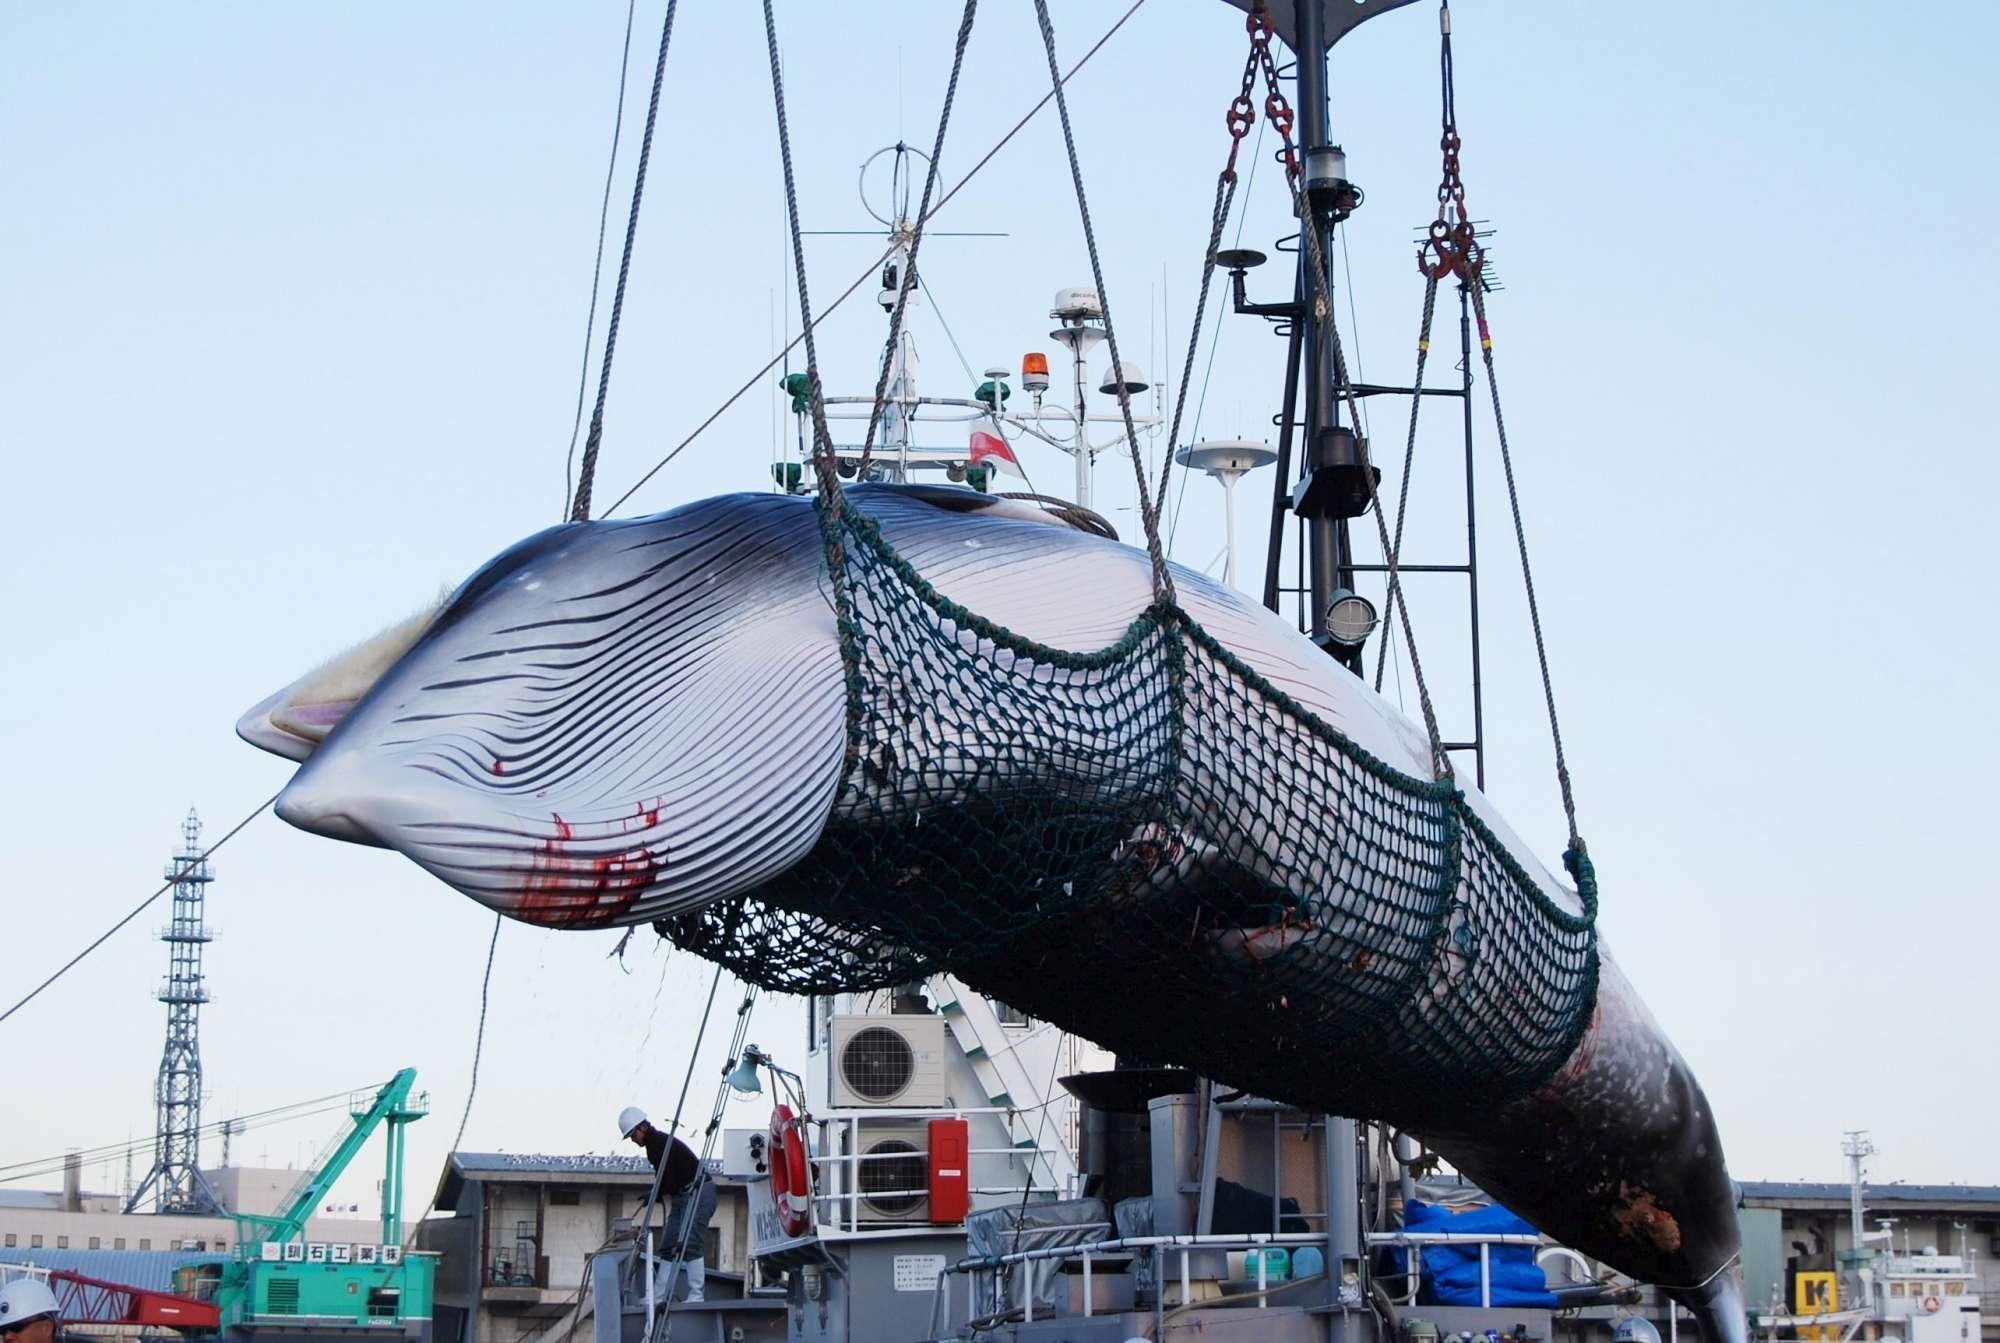 Il Giappone vuole riprendere la caccia alle balene: polemiche